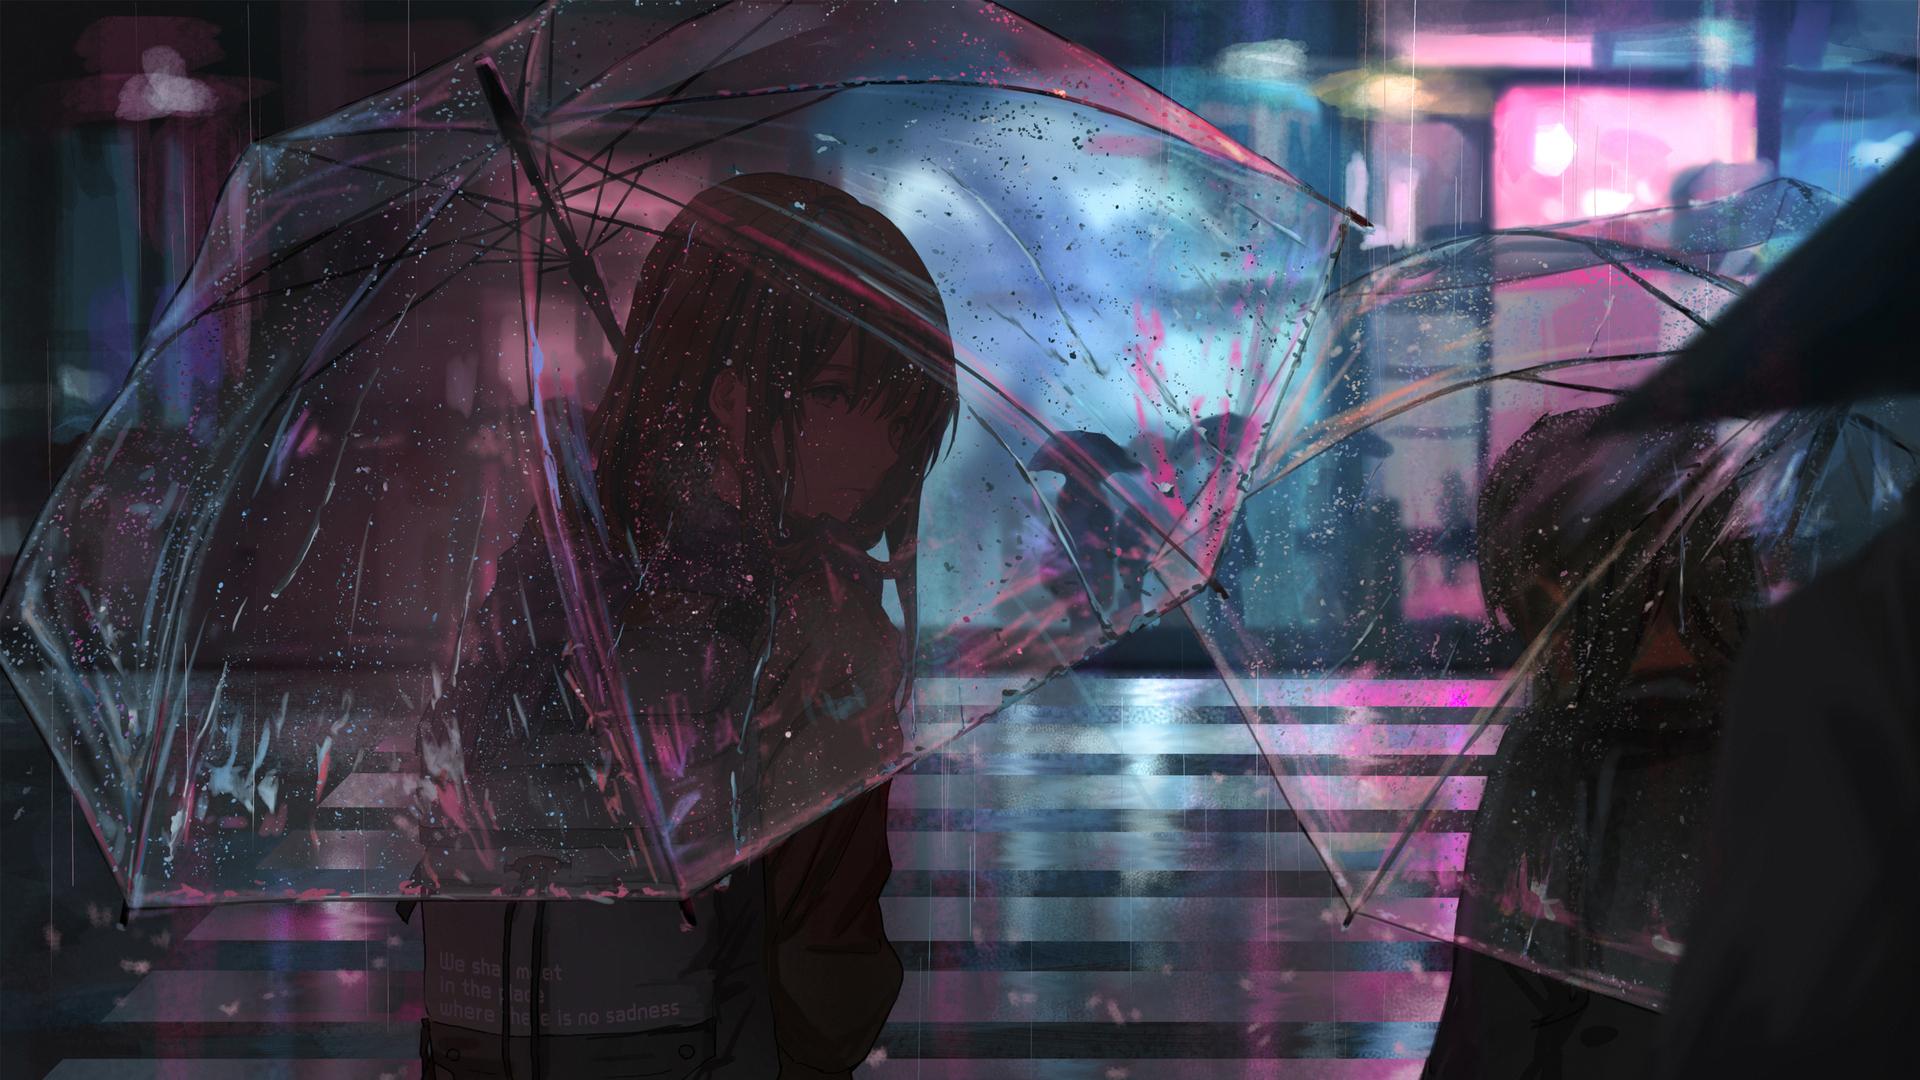 1920x1080 anime girl in rain with umbrella 4k laptop full - Anime background wallpaper 4k ...